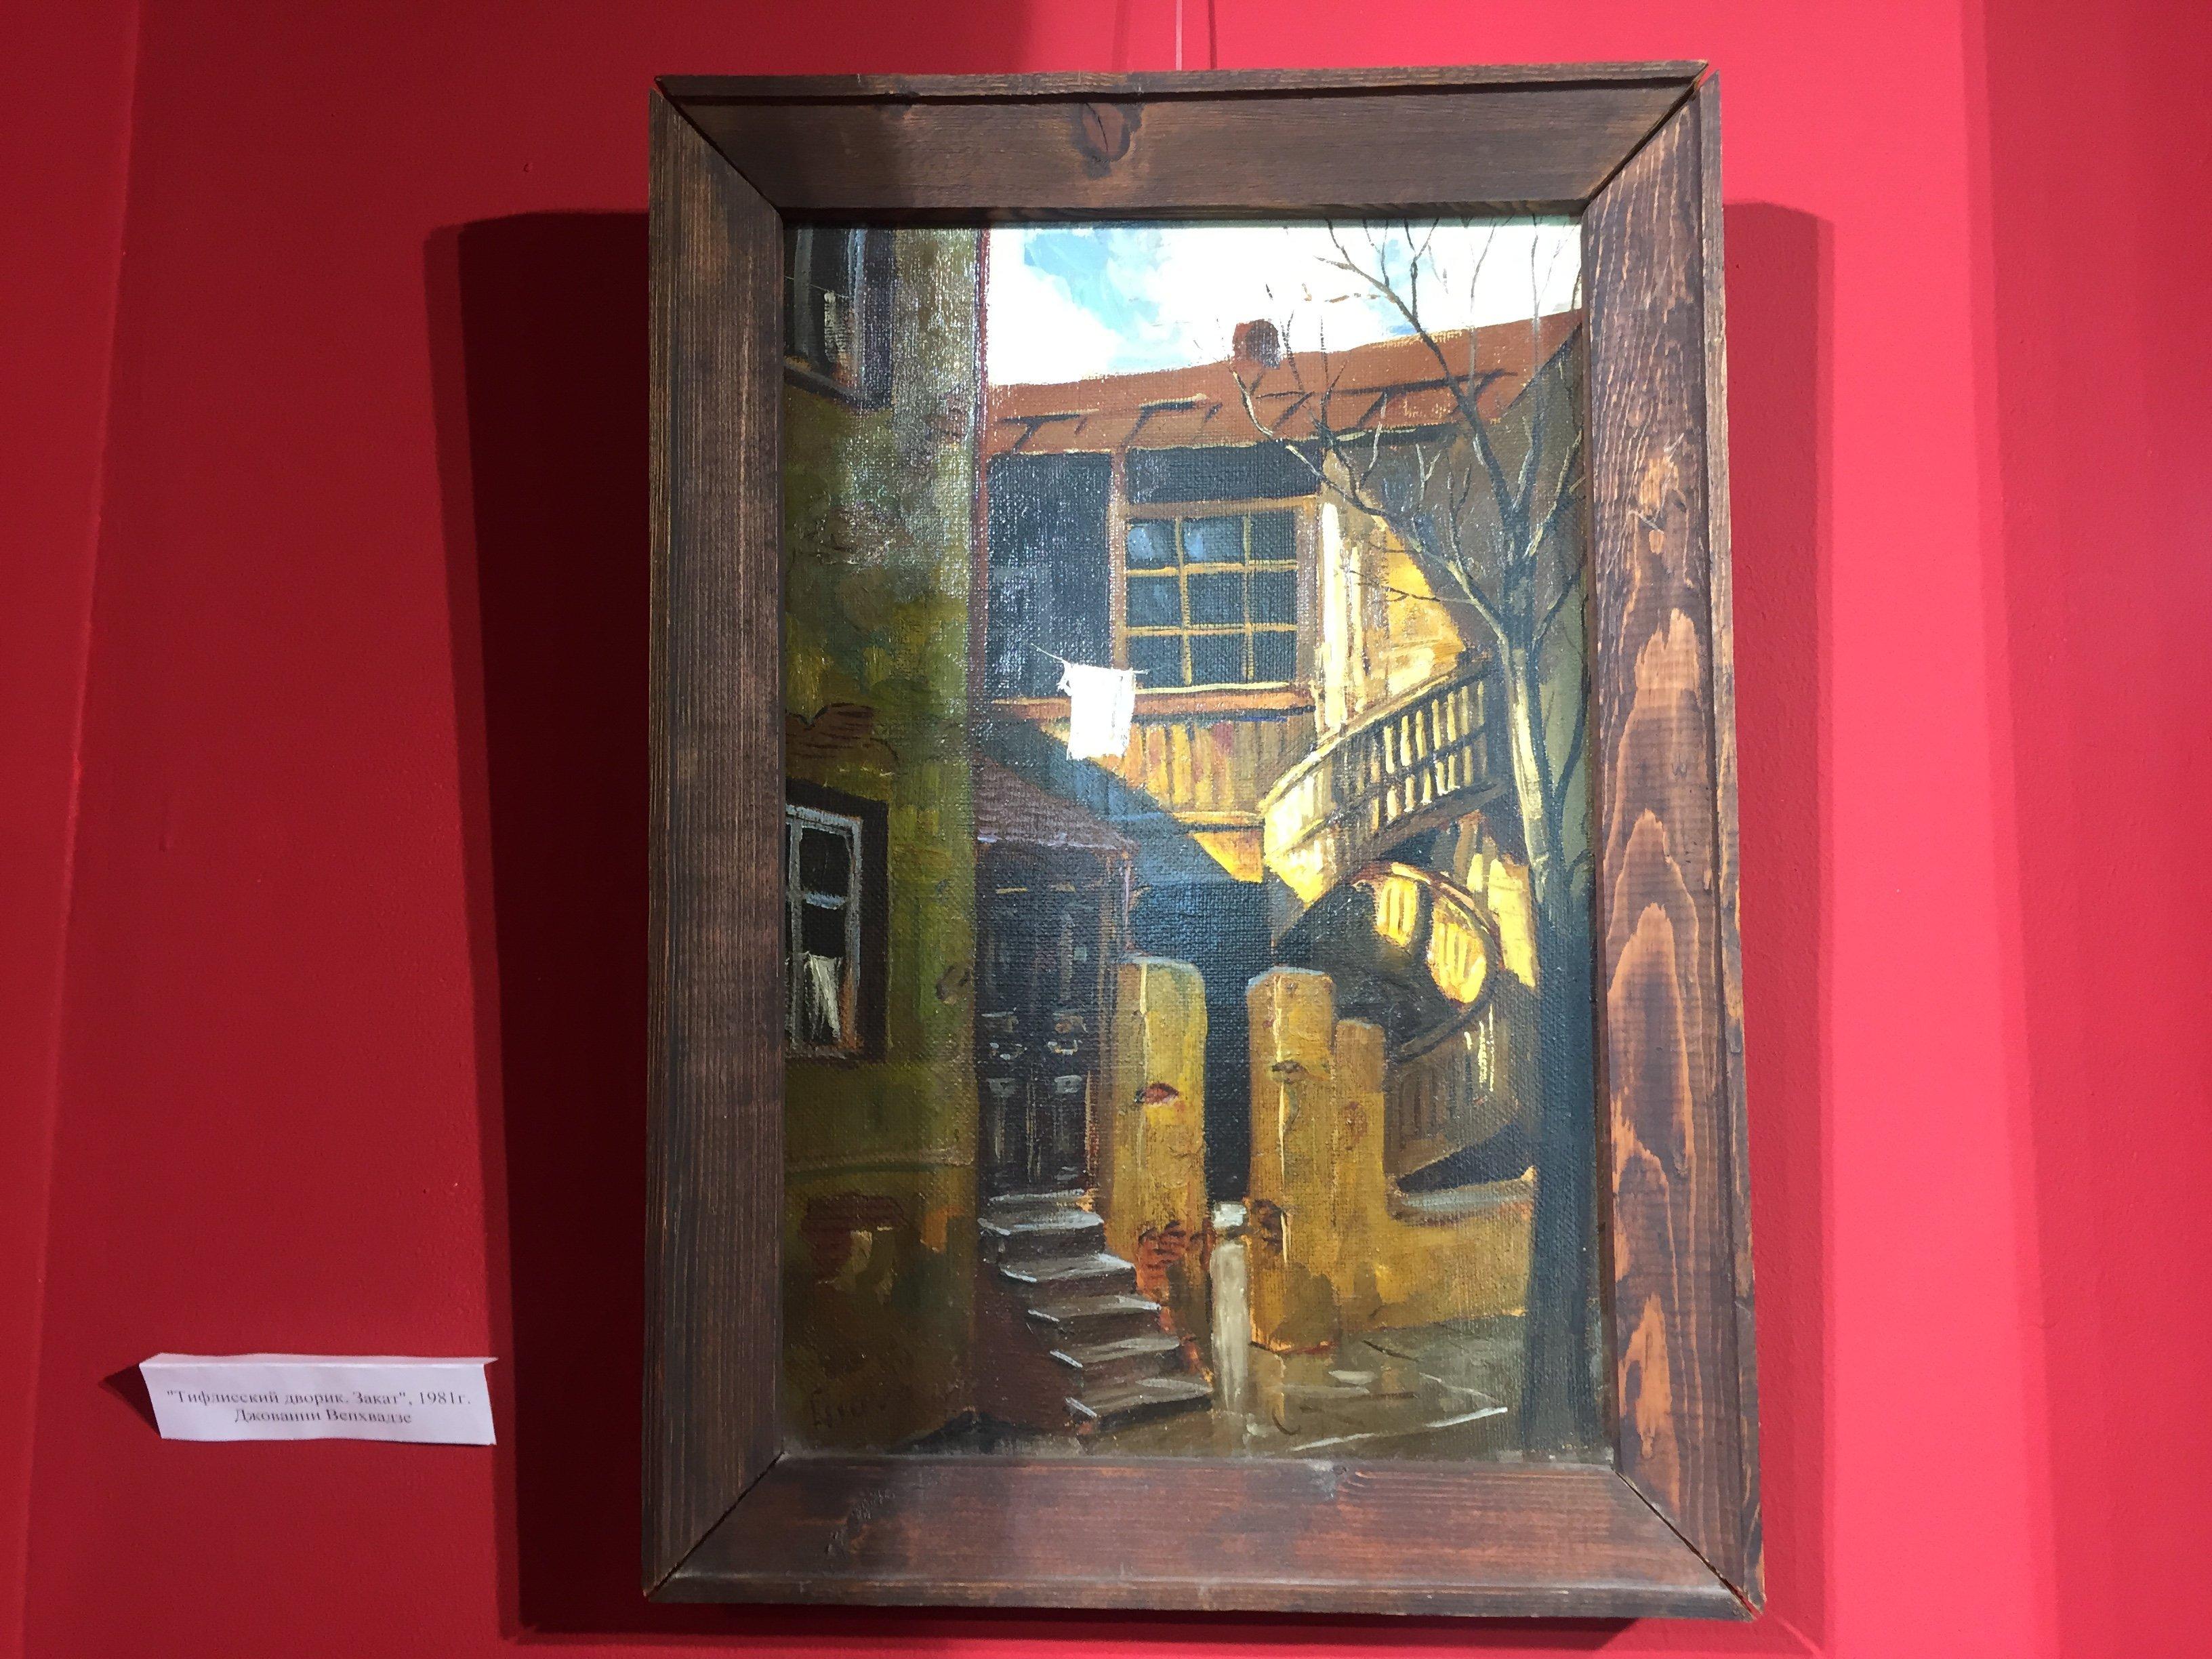 Картина Тифлисский дворик.Закат Джованни Вепхвадзе на выставке в Москве